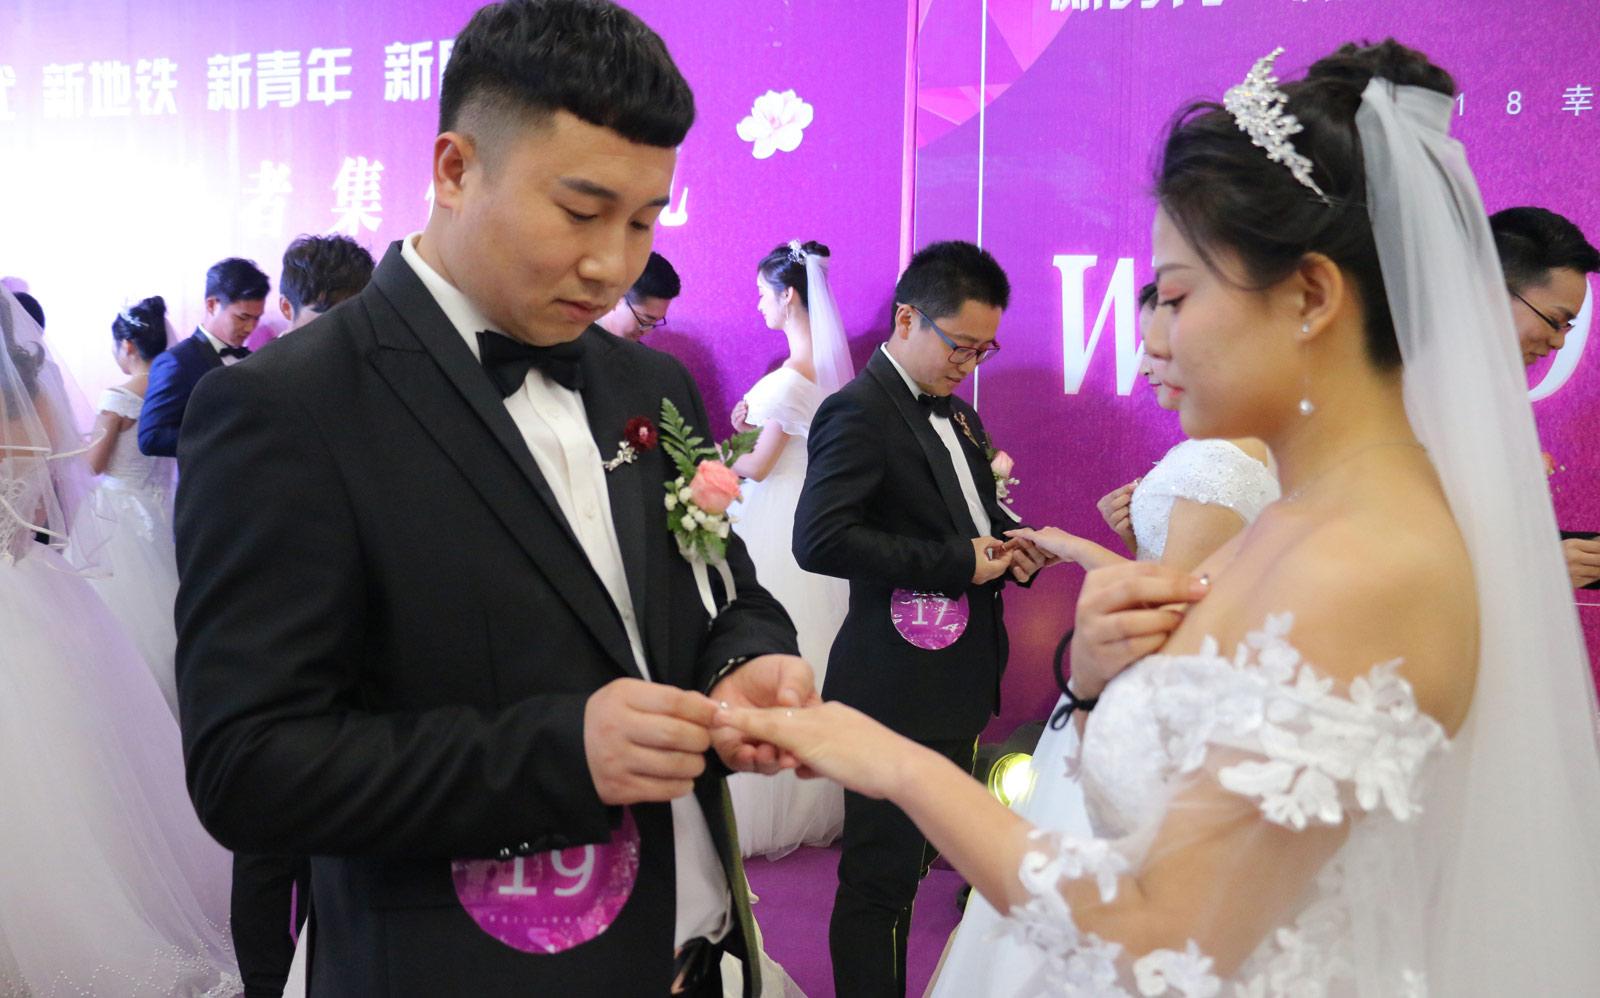 在当天集体婚礼上,新人们做游戏、拍合影、送喜糖,和市民一起分享自己的幸福。图为婚礼上新郎为新娘戴上婚戒。(连迅 摄)